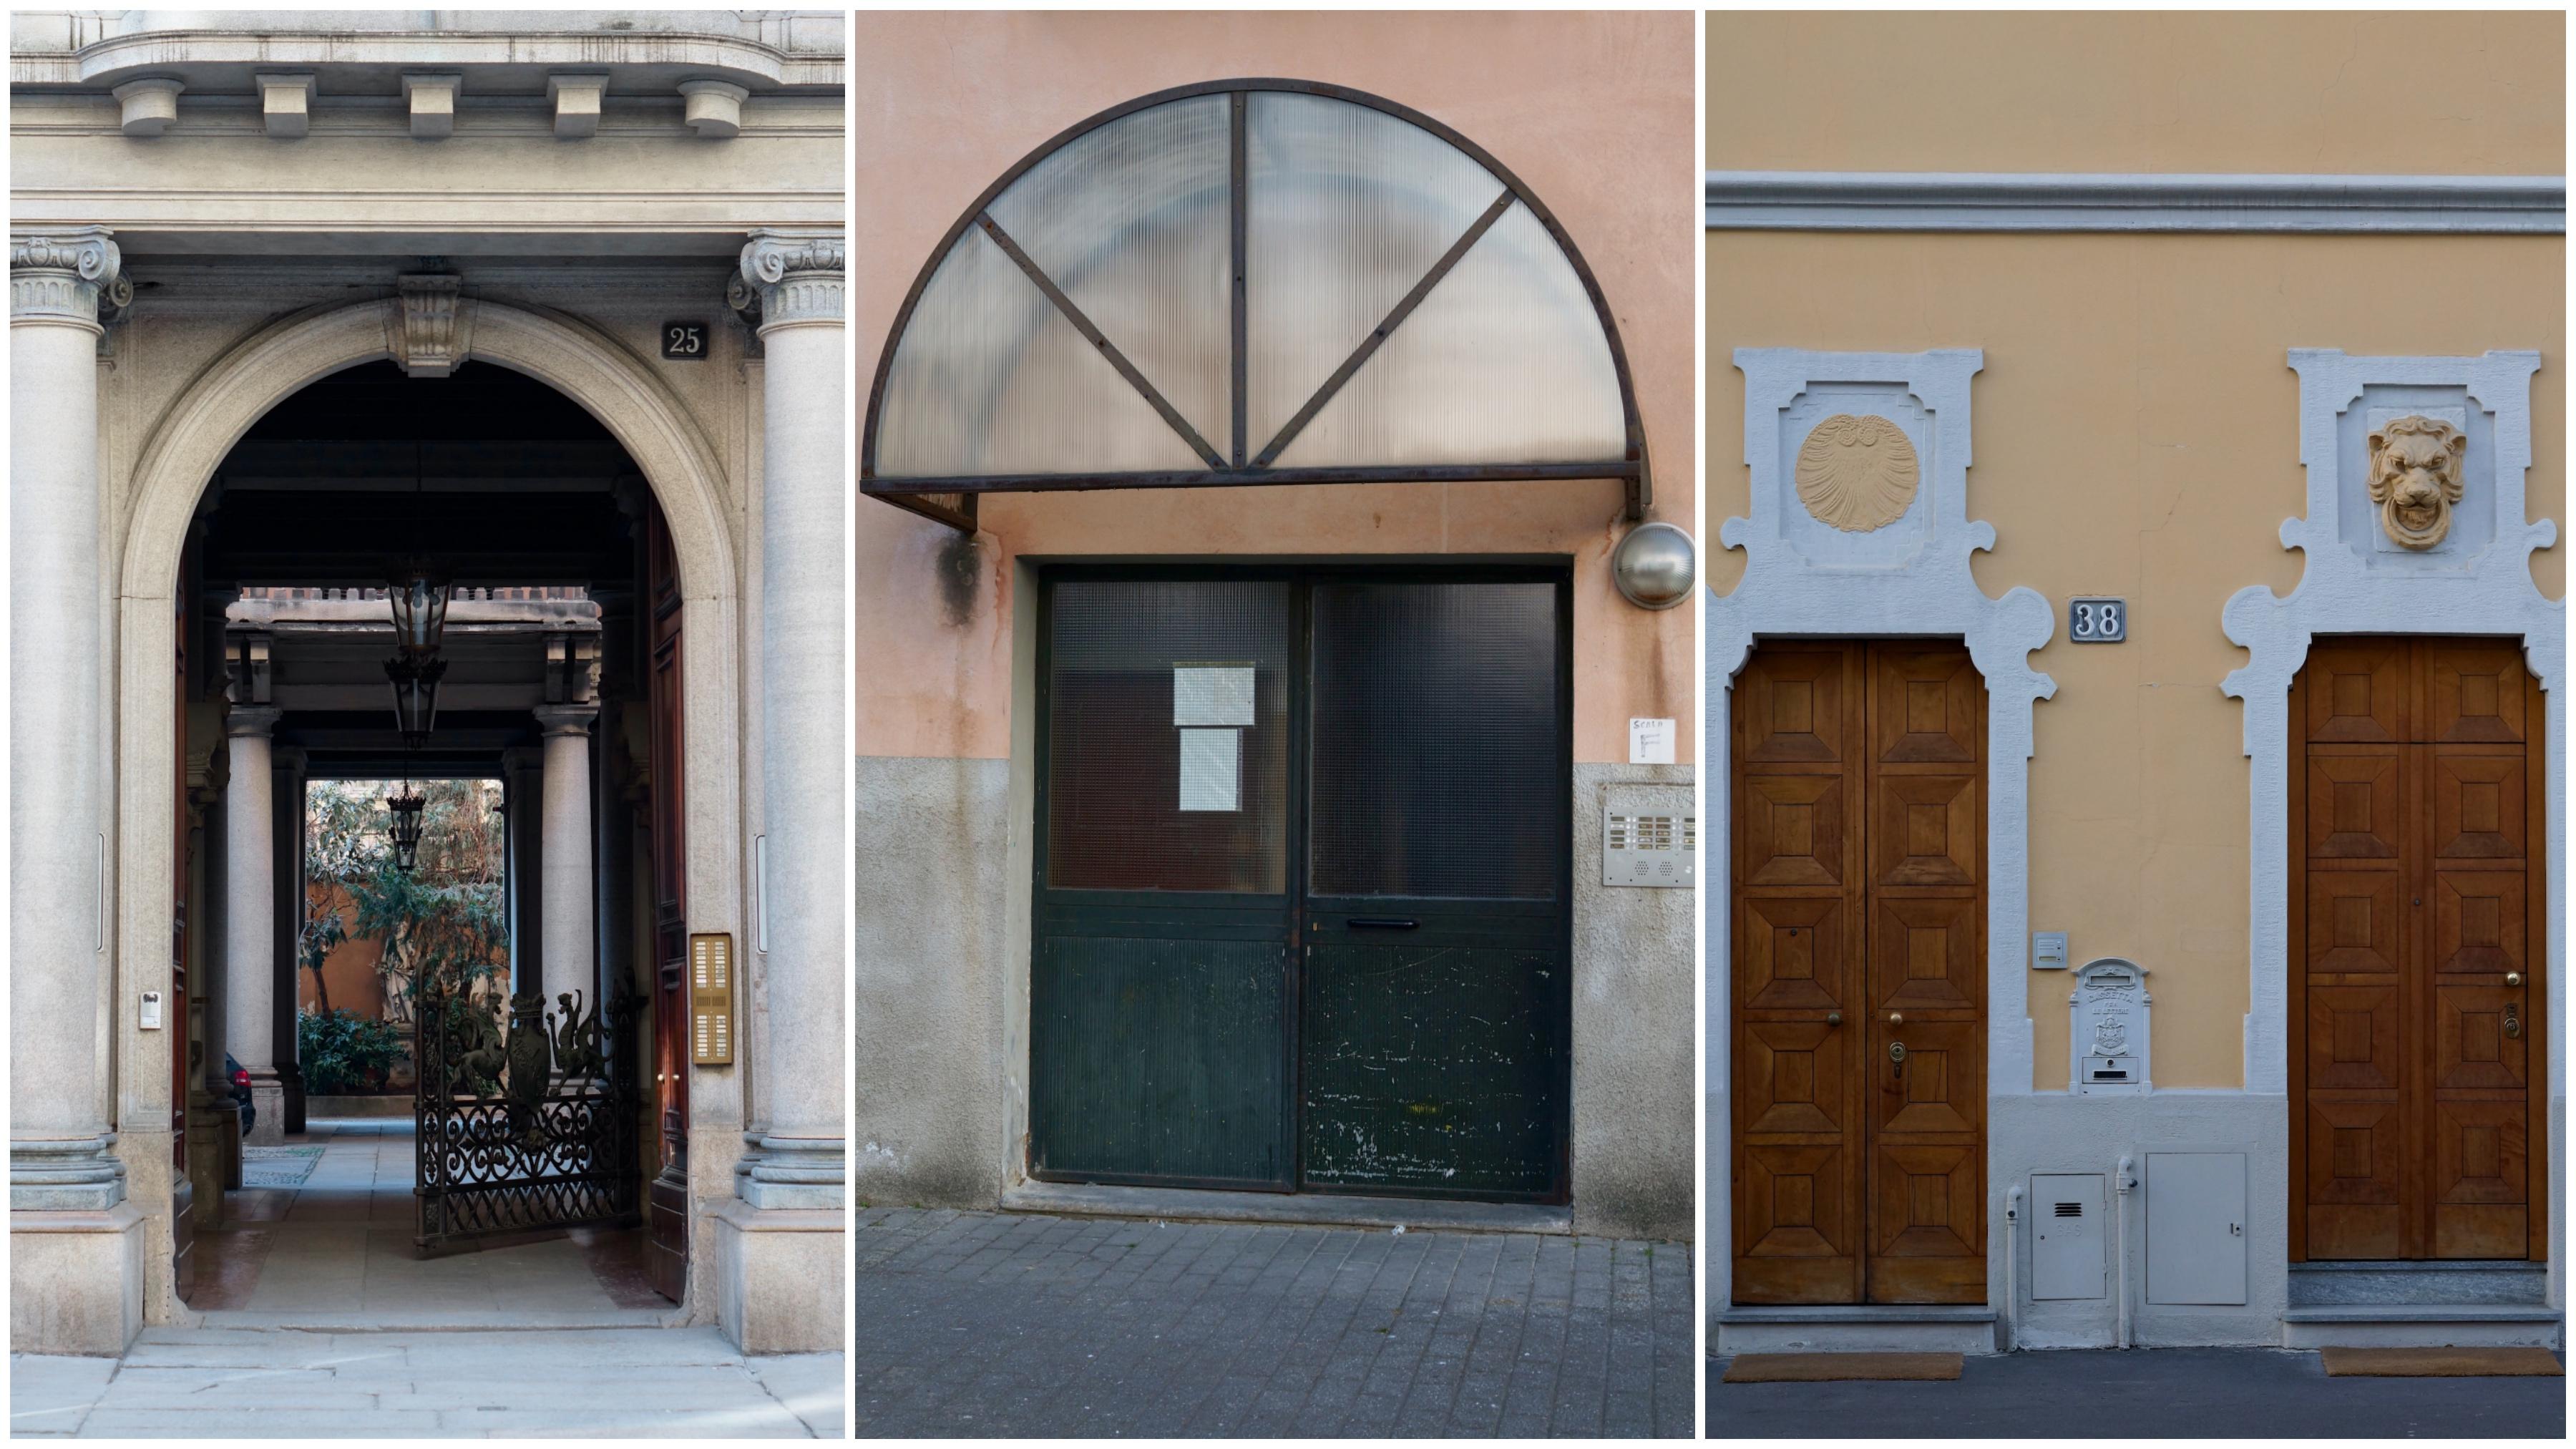 Soglia Marmo Porta Ingresso fenomenologie urbane: le porte d'ingresso degli edifici